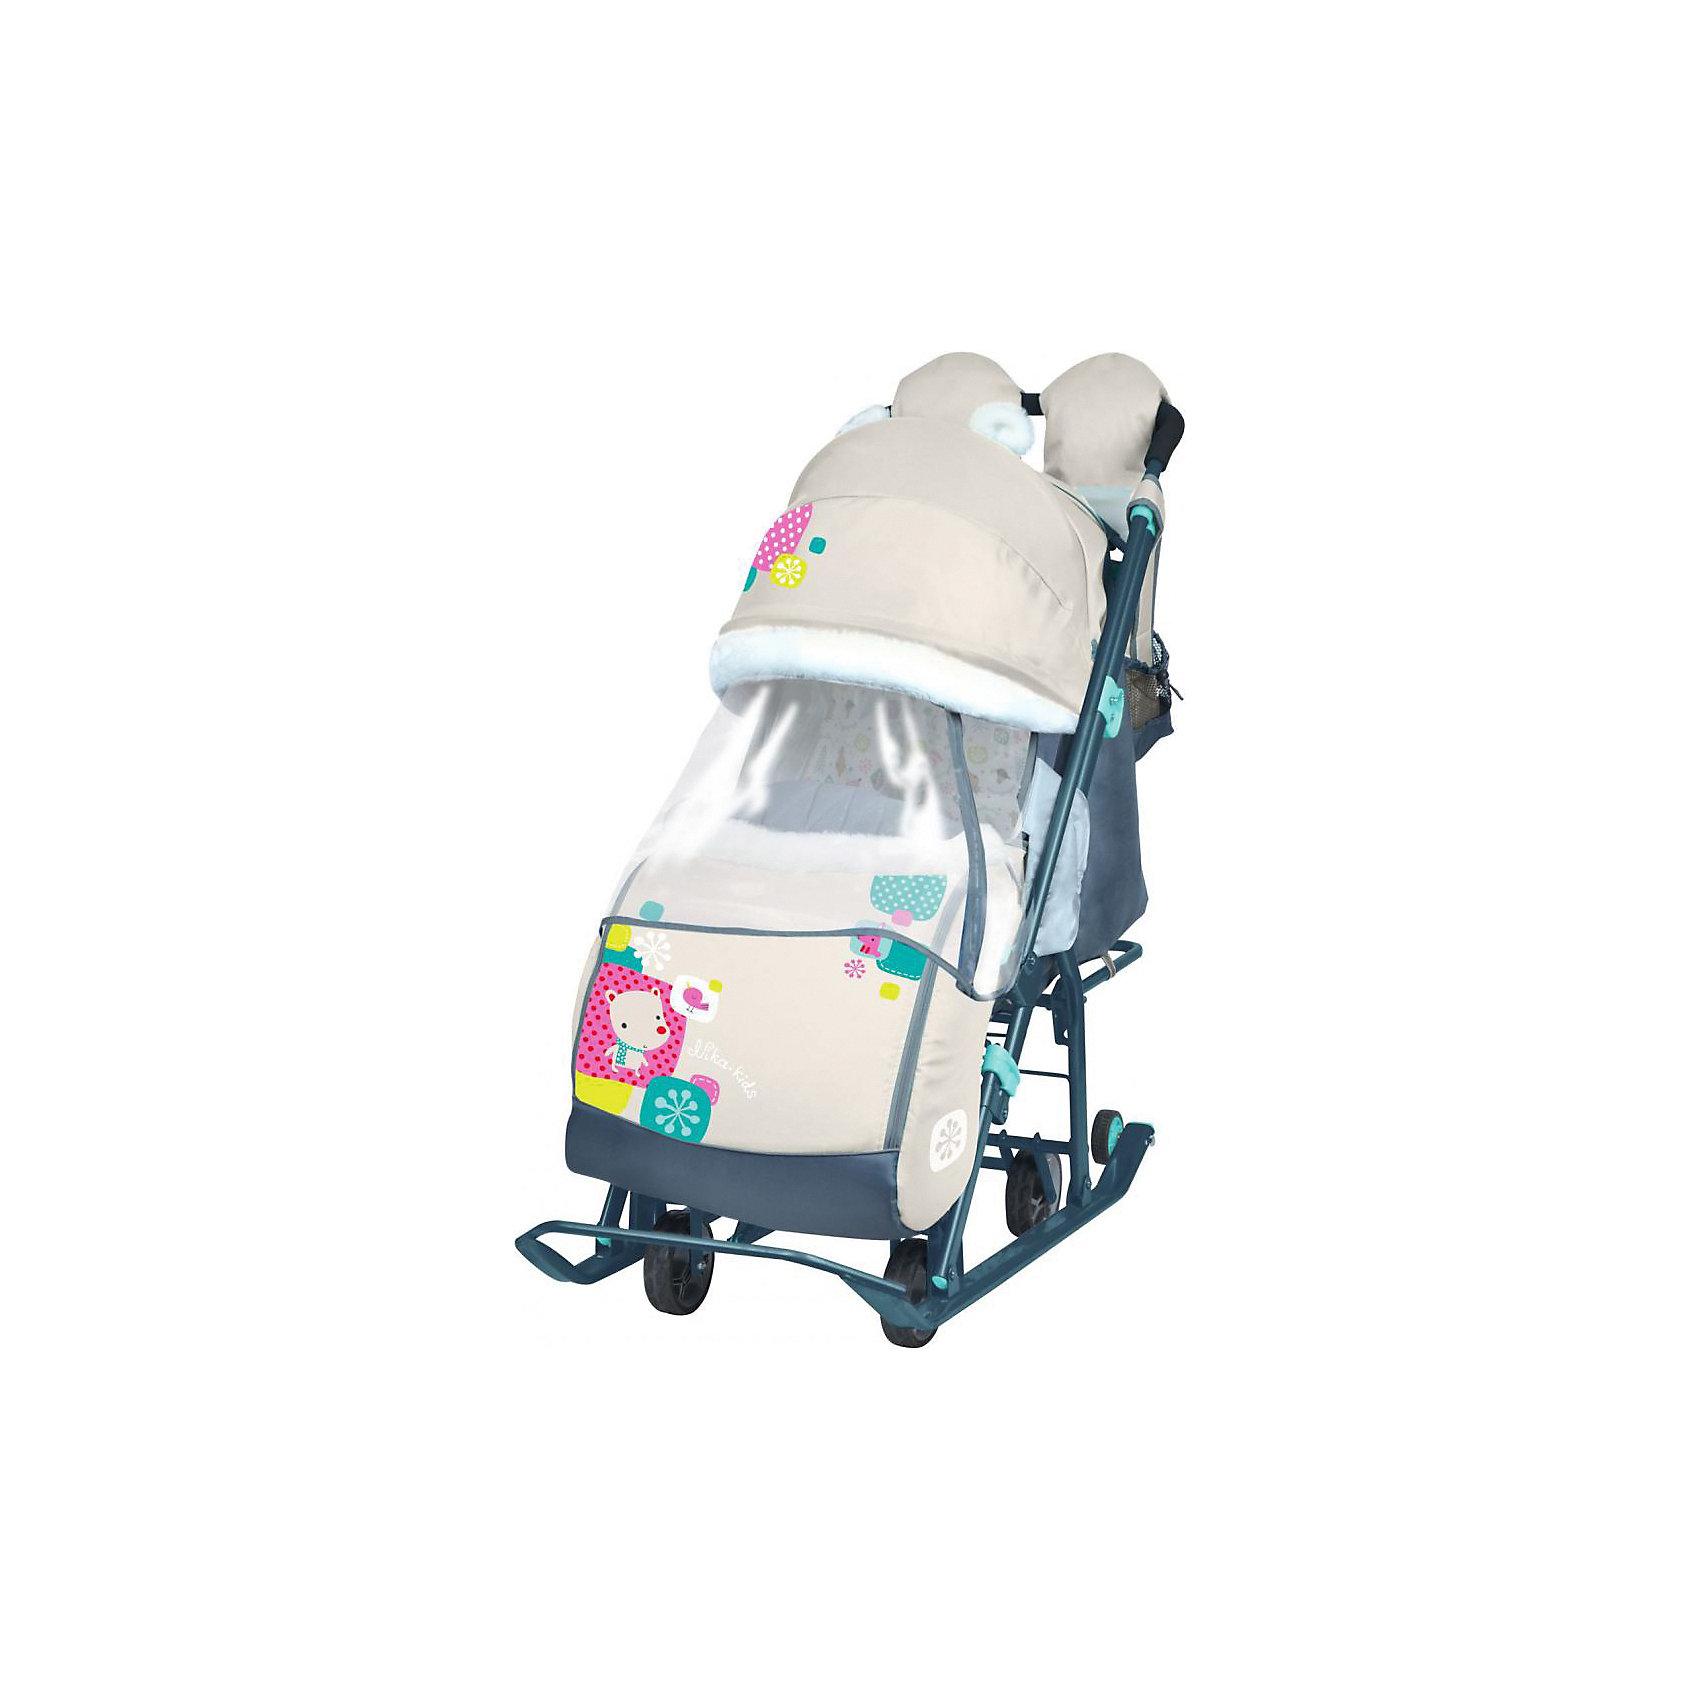 Санки-коляска Ника детям 7-2, Коллаж-мишка, бежевыйСанки-коляска Ника детям 7-2, Коллаж-мишка, бежевый – легкое передвижение в снежную погоду.<br>Удобные санки оснащены пятиточечными ремнями безопасности, которые предотвращают выпадение малыша из колясок даже при очень быстрой ходьбе. Благодаря широким полозьям и транспортировочным колесам санки-коляску очень легко перемещать и возить как по бездорожью, так и по дорогам с небольшим количеством снега. Чехол для ножек и капюшон с окошком позволяют малышу укрыться от снега, ветра, метели и не заскучать. Спинка регулируется в трех положениях, а специальная подножка позволяет ребенку удобно разместиться лежа. Ручка для родителей имеет два положения: сзади санок и спереди, и оснащена теплыми варежками для долгих прогулок. В комплект к санкам идет вместительная сумка.<br><br>Дополнительная информация:<br><br>- материал: металл, полиэсте <br>- размер в разложенном виде (с выдвинутой колесной базой):105х44,5х109,5 см<br>- высота ручки от земли: 93 см<br>- размер сиденья: 32 х 29 см<br>- размер спинки: 33х43 см<br>- размер в сложенном виде: 110,5х44,5х28 см<br>- вес: 10 кг<br>- максимальный вес ребенка: 25 кг<br><br>Санки-коляска Ника детям 7-2, Коллаж-мишка, бежевый можно купить в нашем магазине.<br><br>Ширина мм: 1105<br>Глубина мм: 445<br>Высота мм: 280<br>Вес г: 11000<br>Возраст от месяцев: 12<br>Возраст до месяцев: 48<br>Пол: Унисекс<br>Возраст: Детский<br>SKU: 4937469